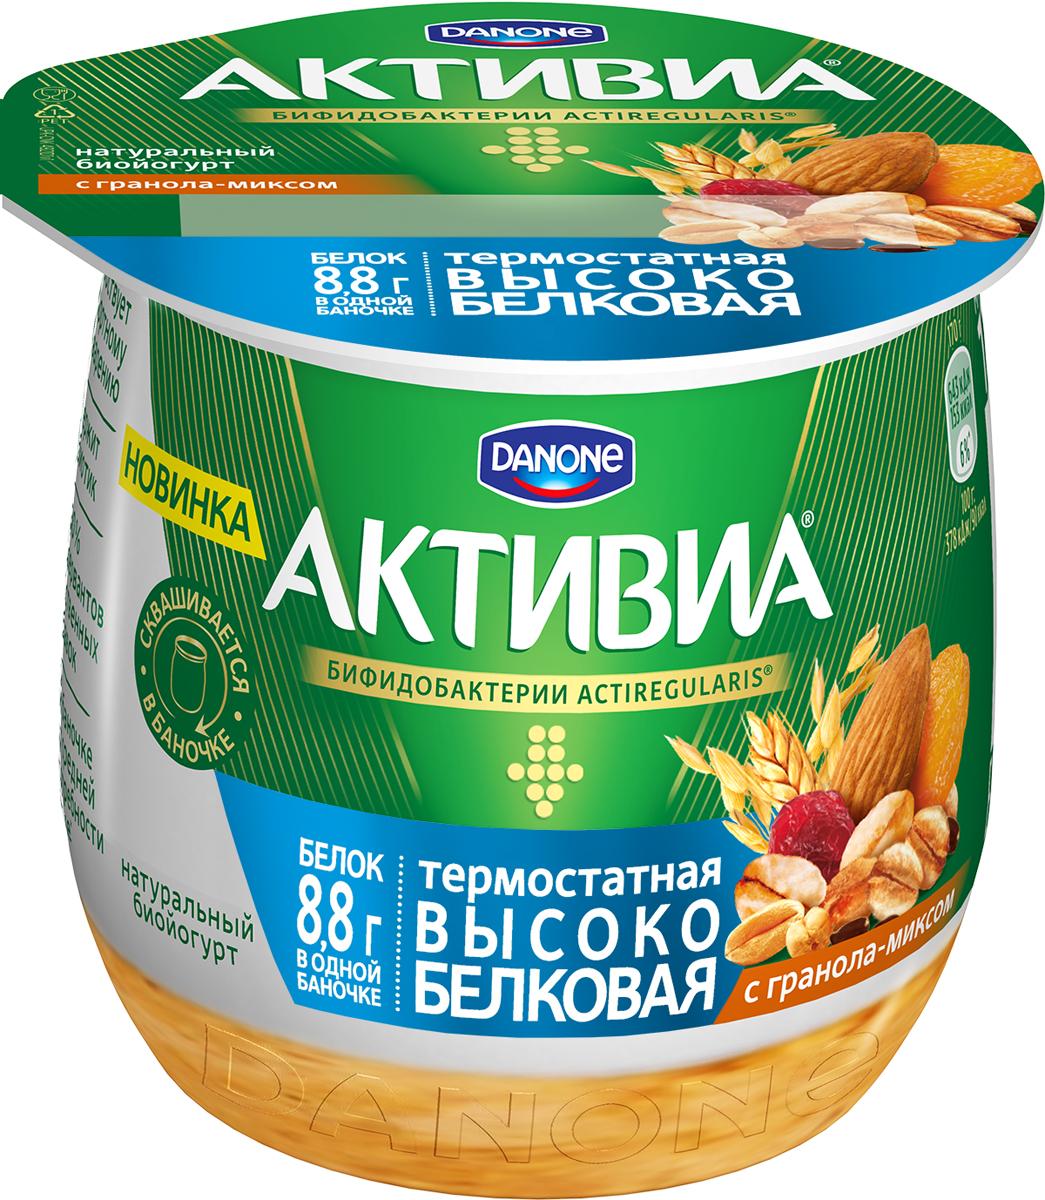 Активиа Высокобелковая, Биойогурт с Гранола-миксом, термостатный, 2,4%, 170 г